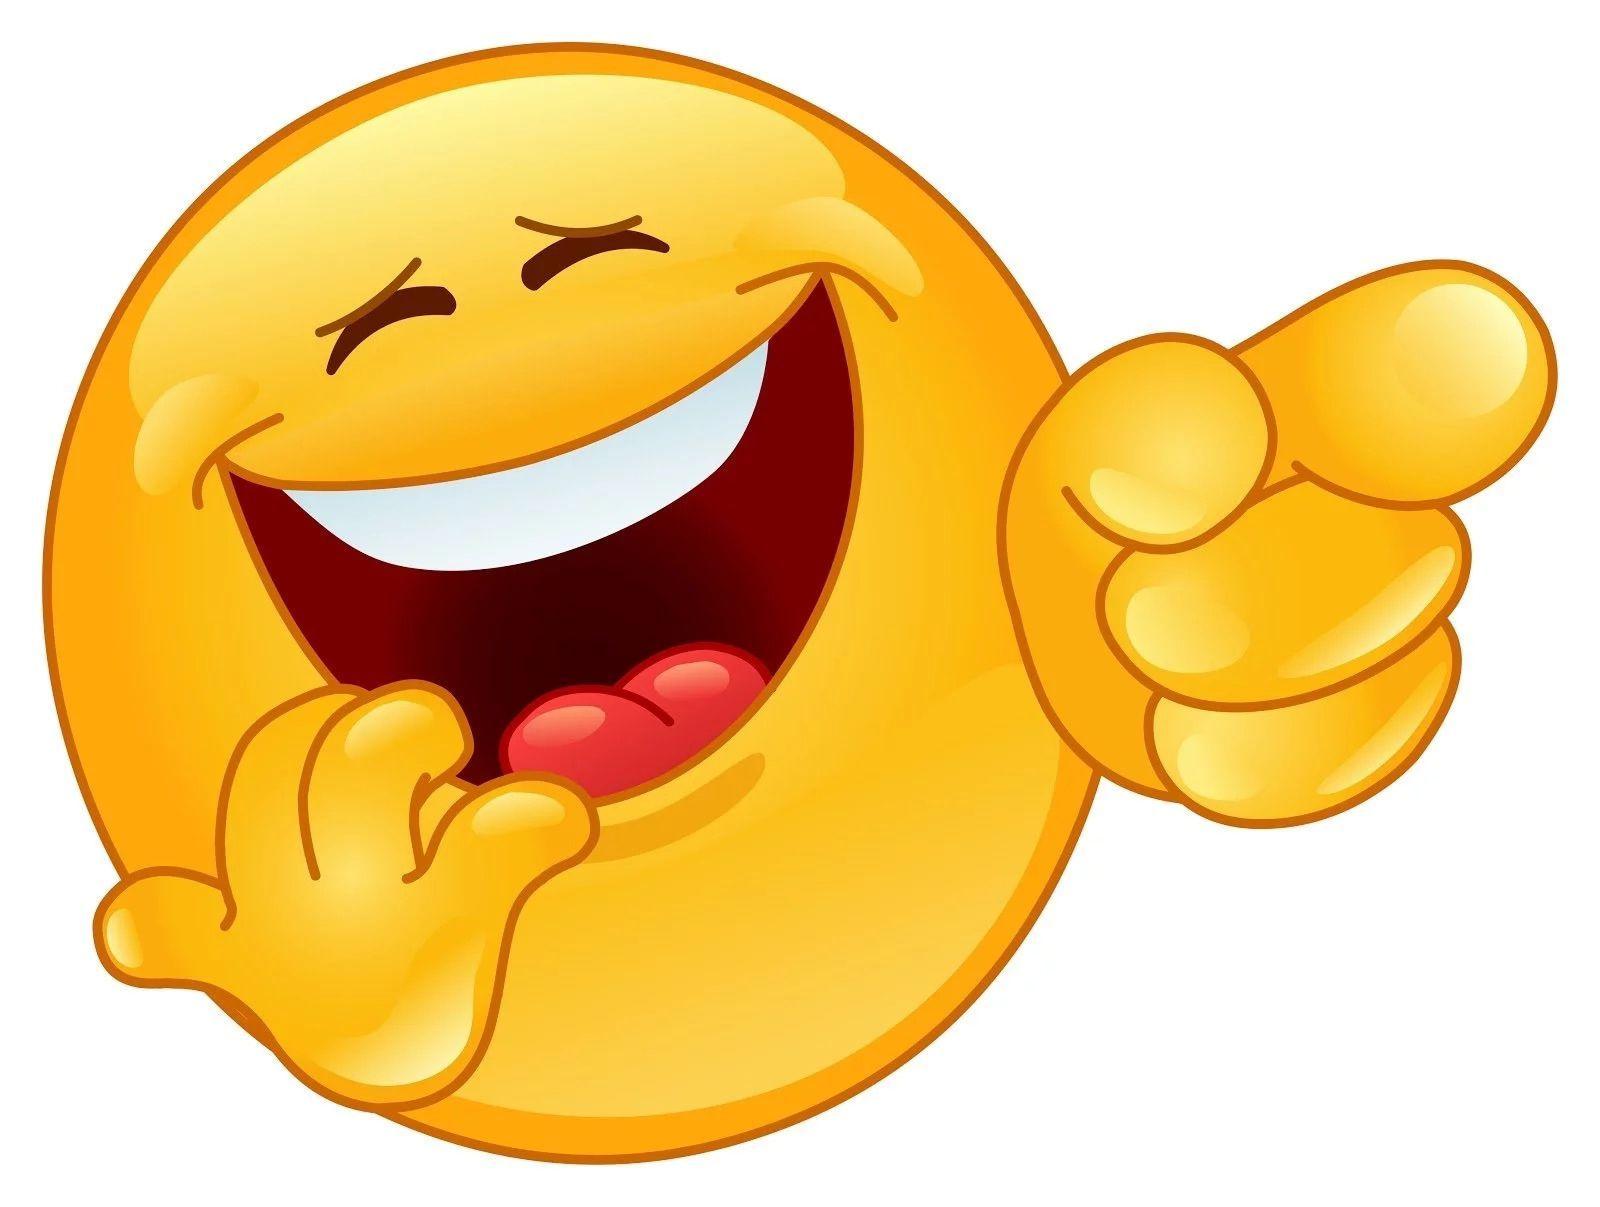 Lustige Bilder Whatsapp Download | Emoticon, Lustiges